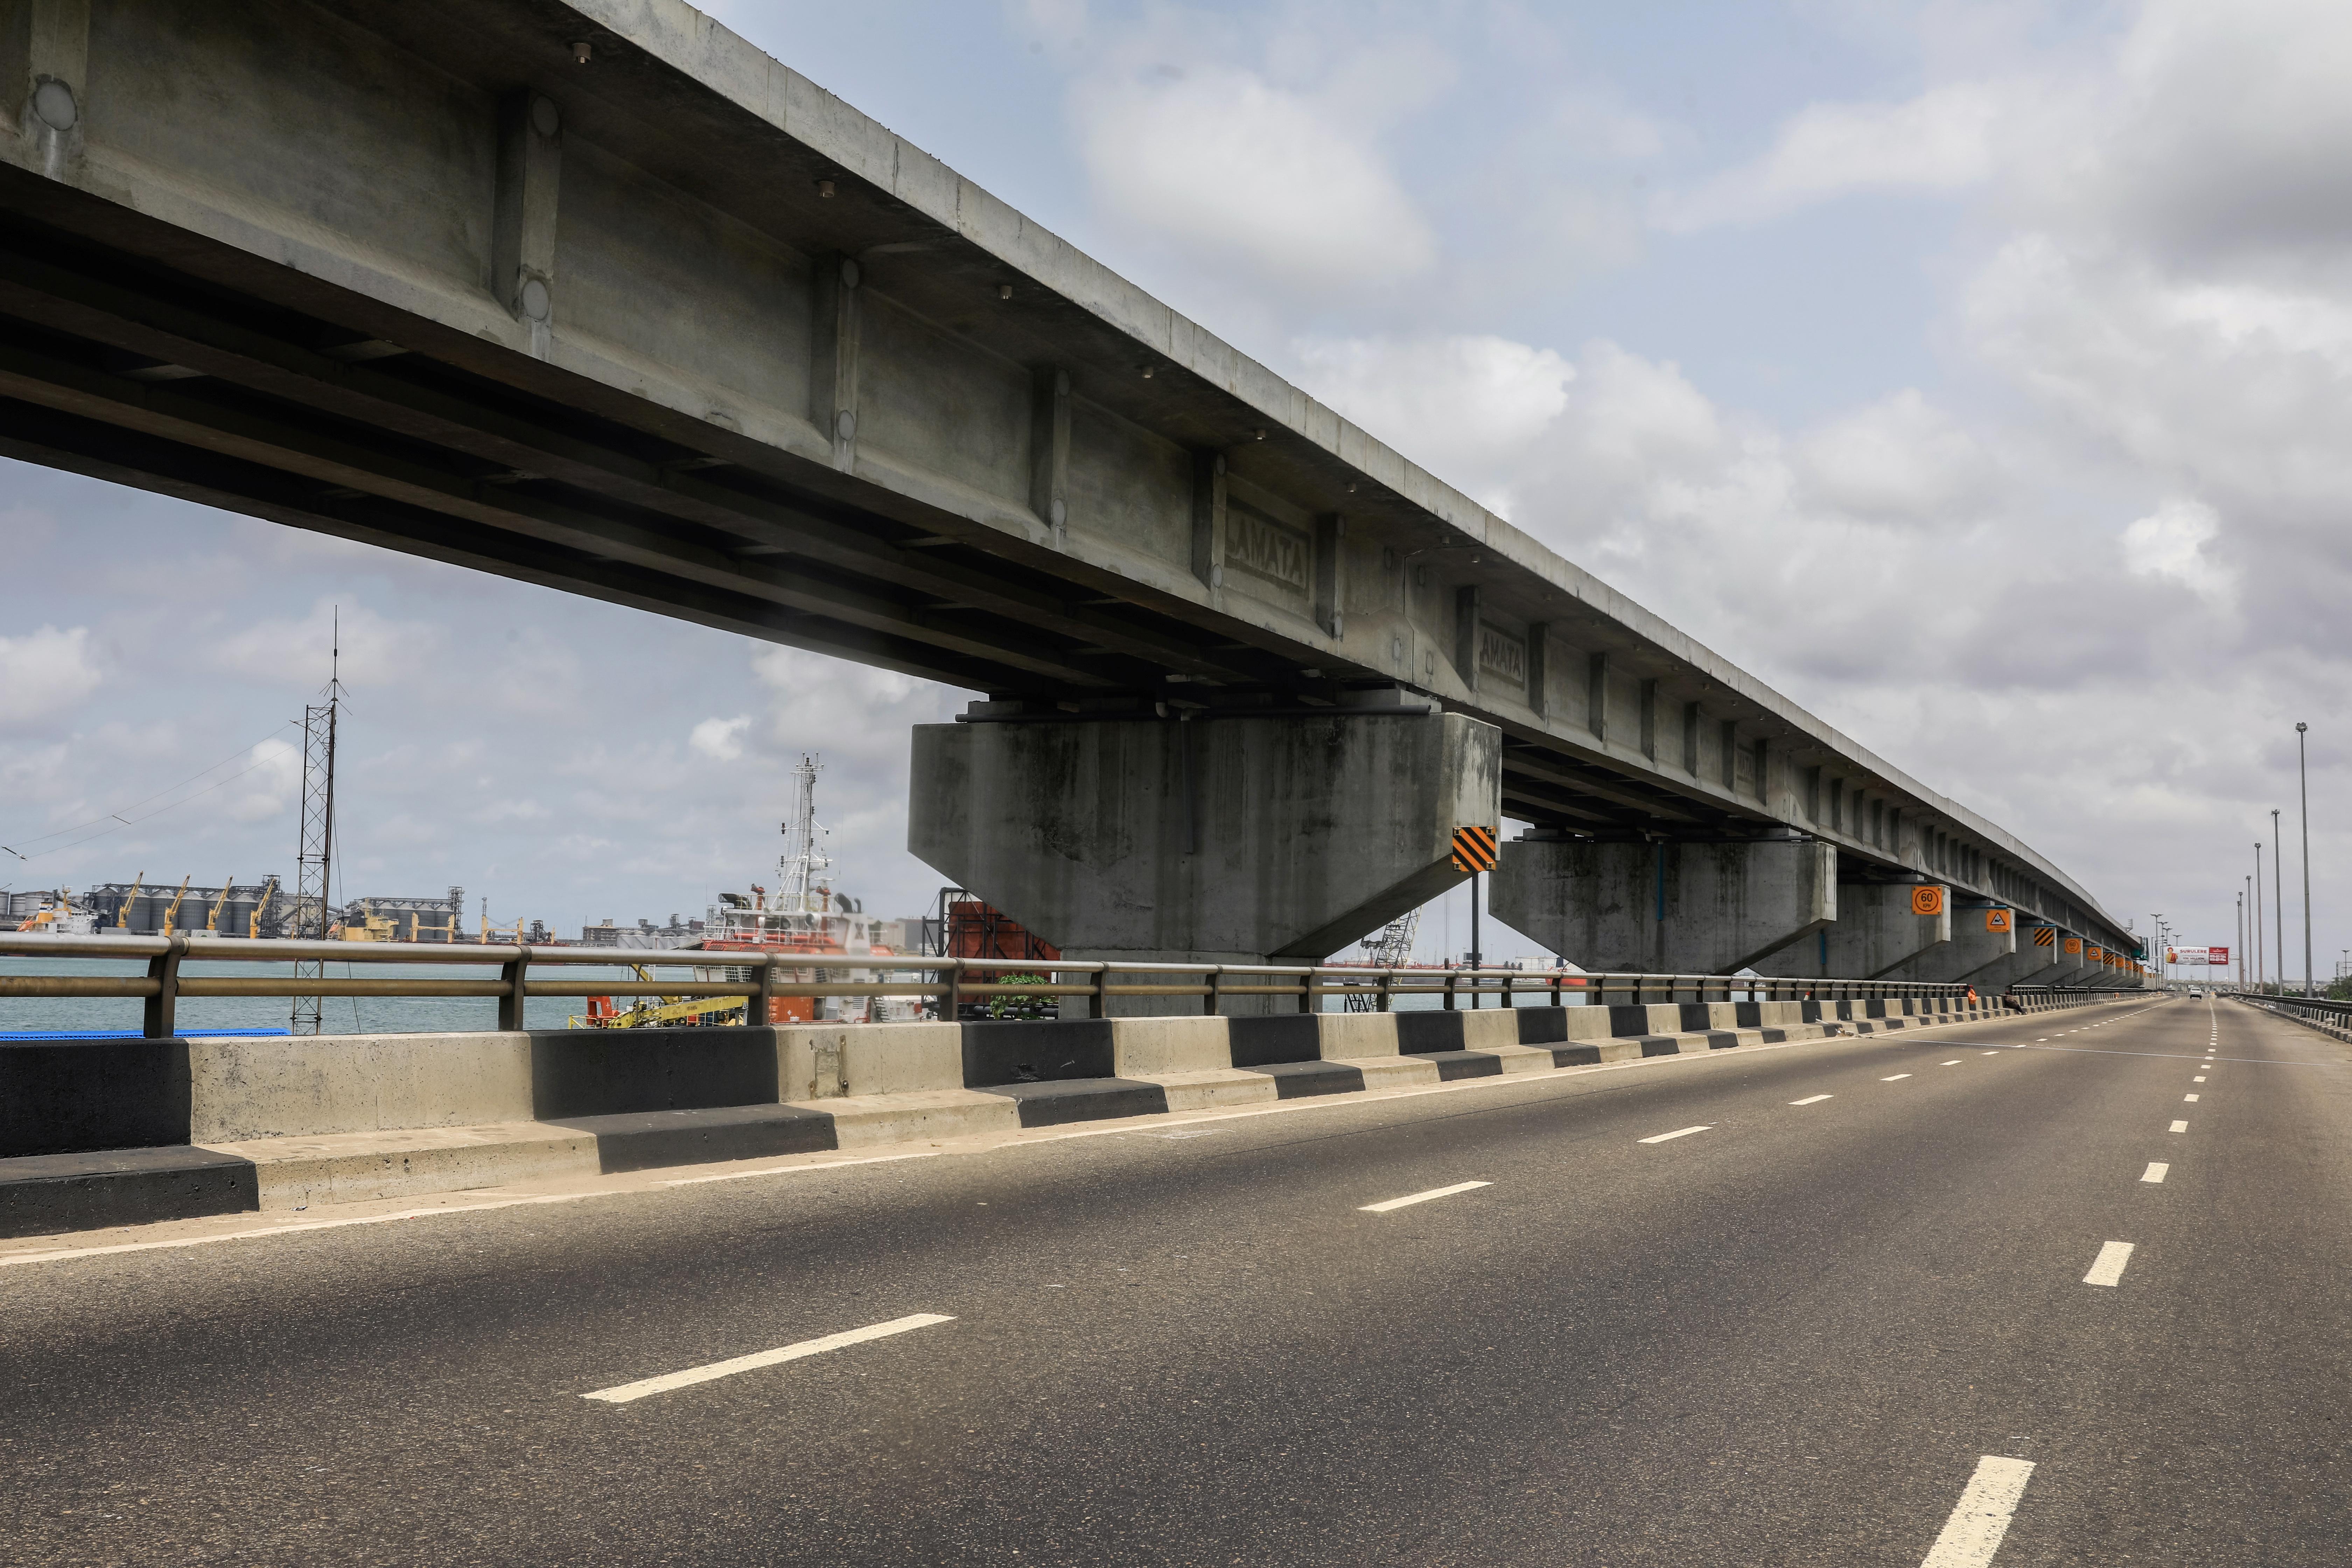 El dsitricto comercial de Lagos, Nigeria (REUTERS/Temilade Adelaja)